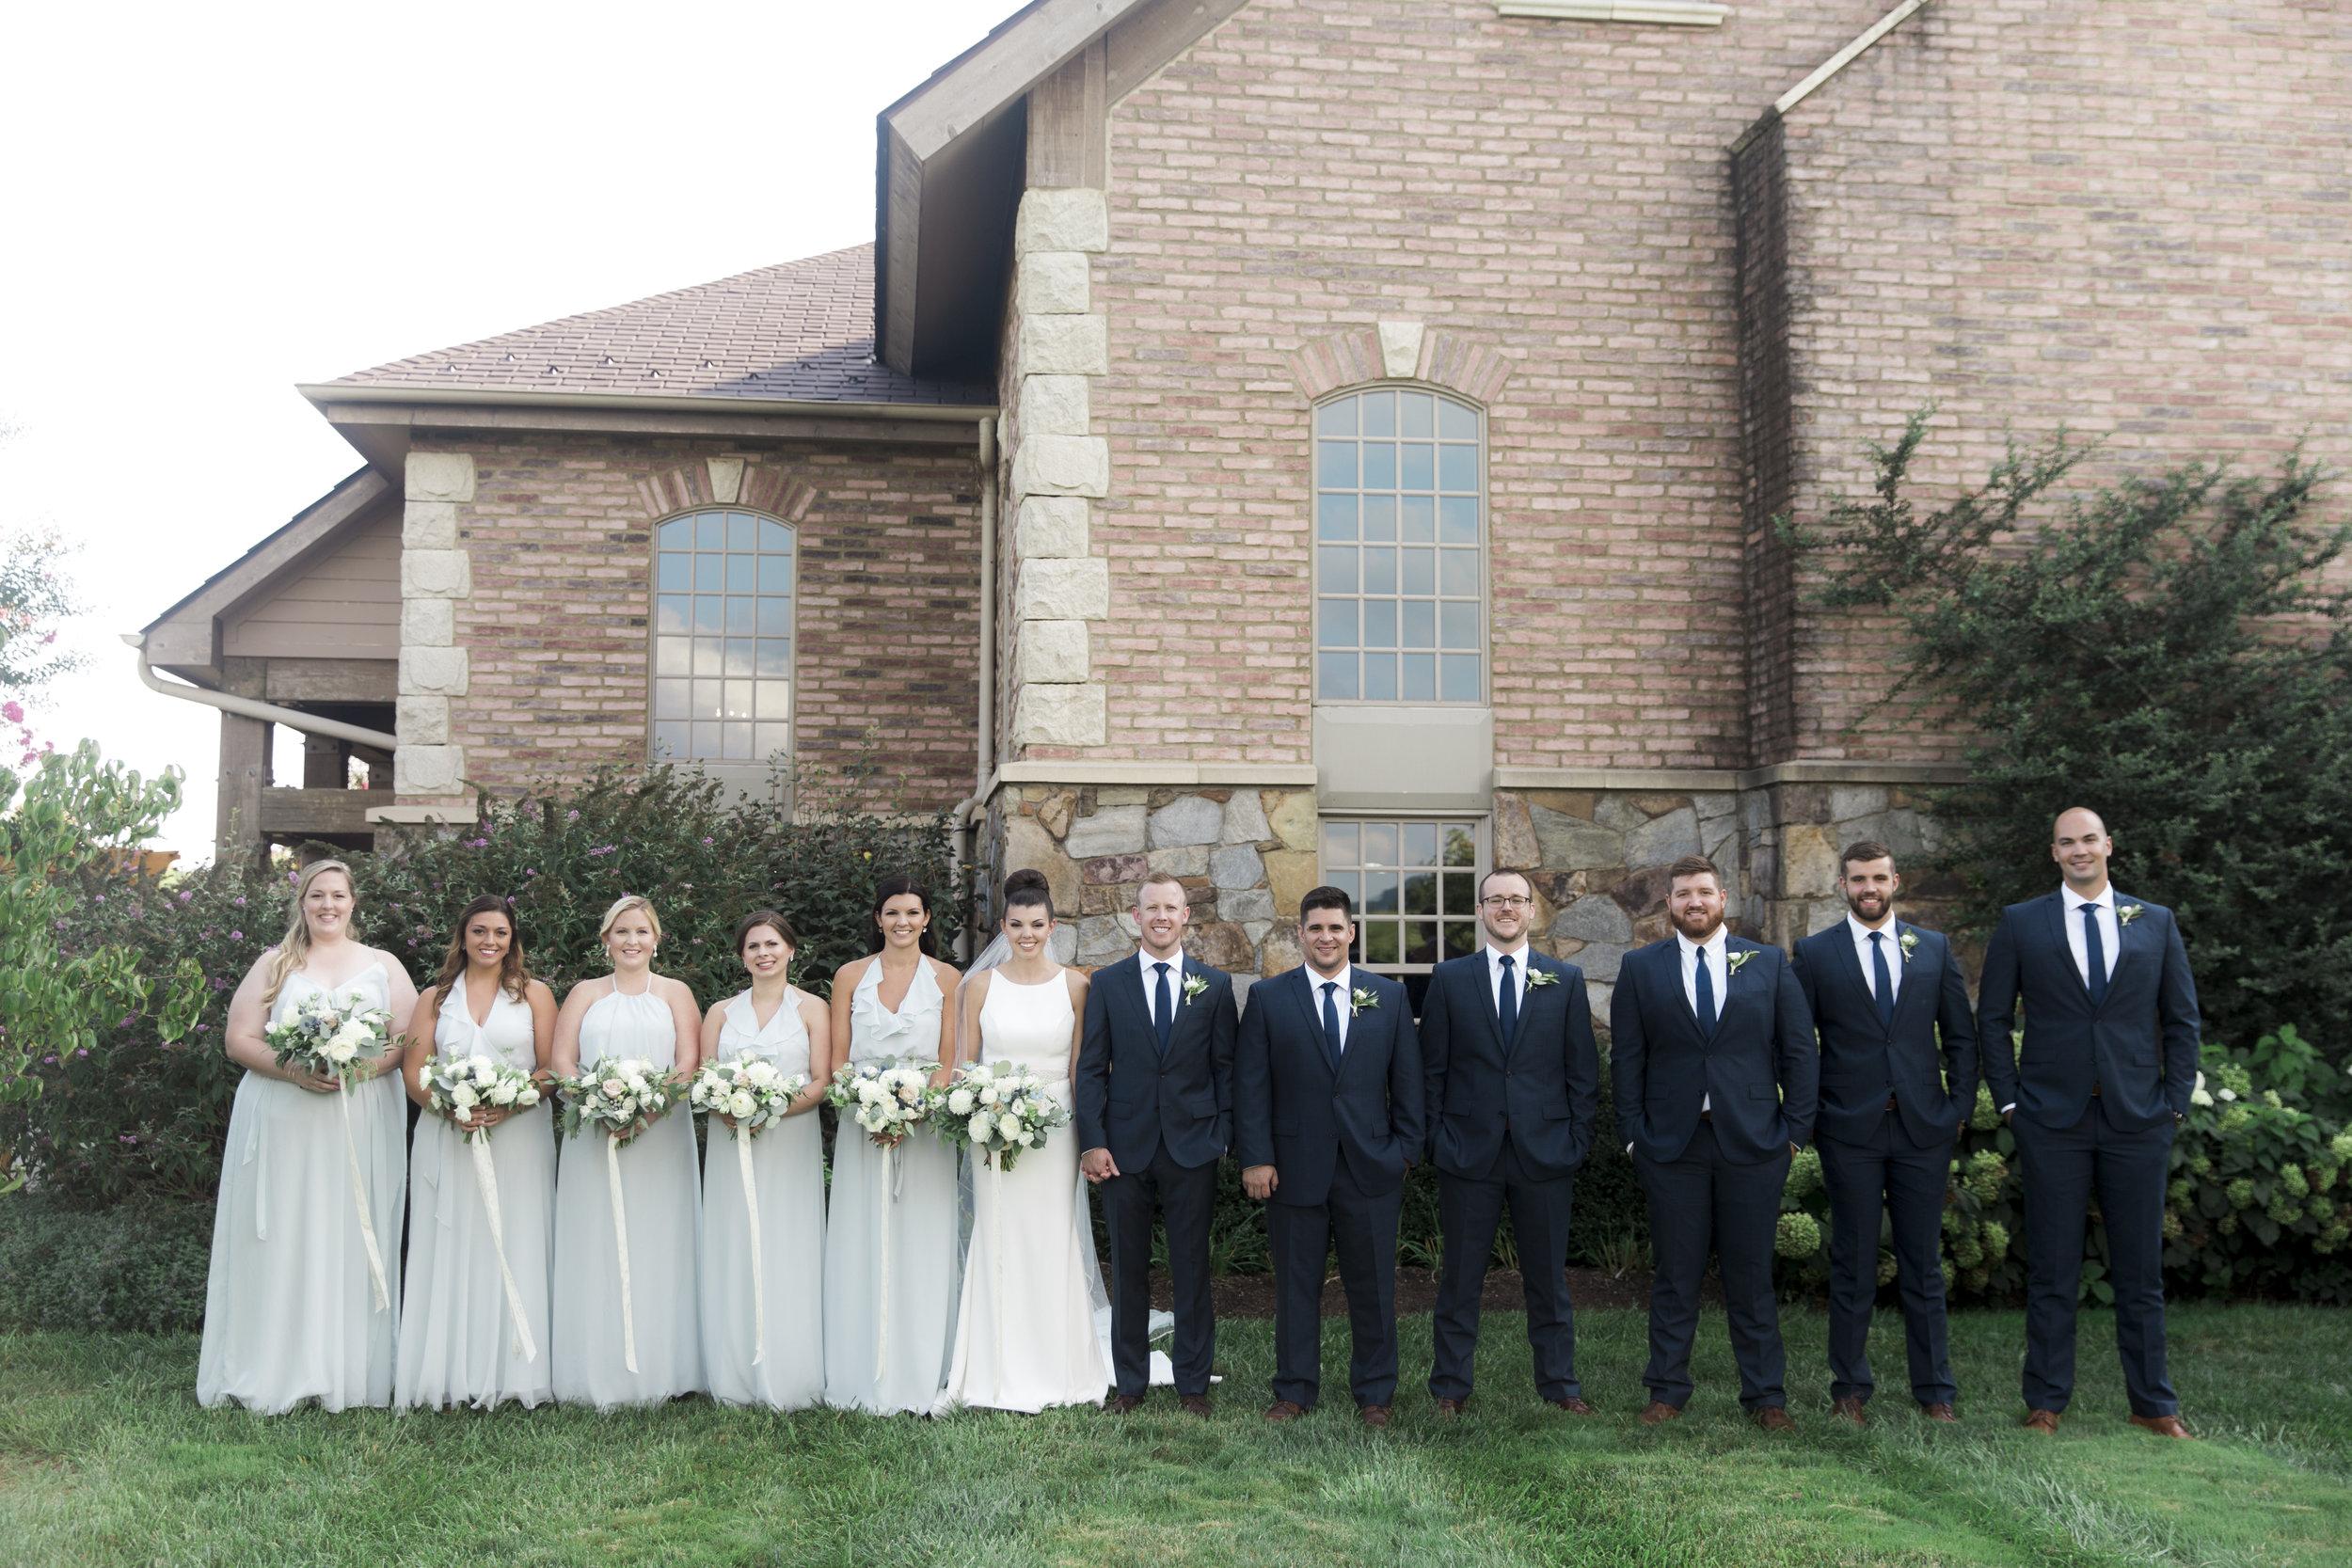 WeddingParty-0203.JPG